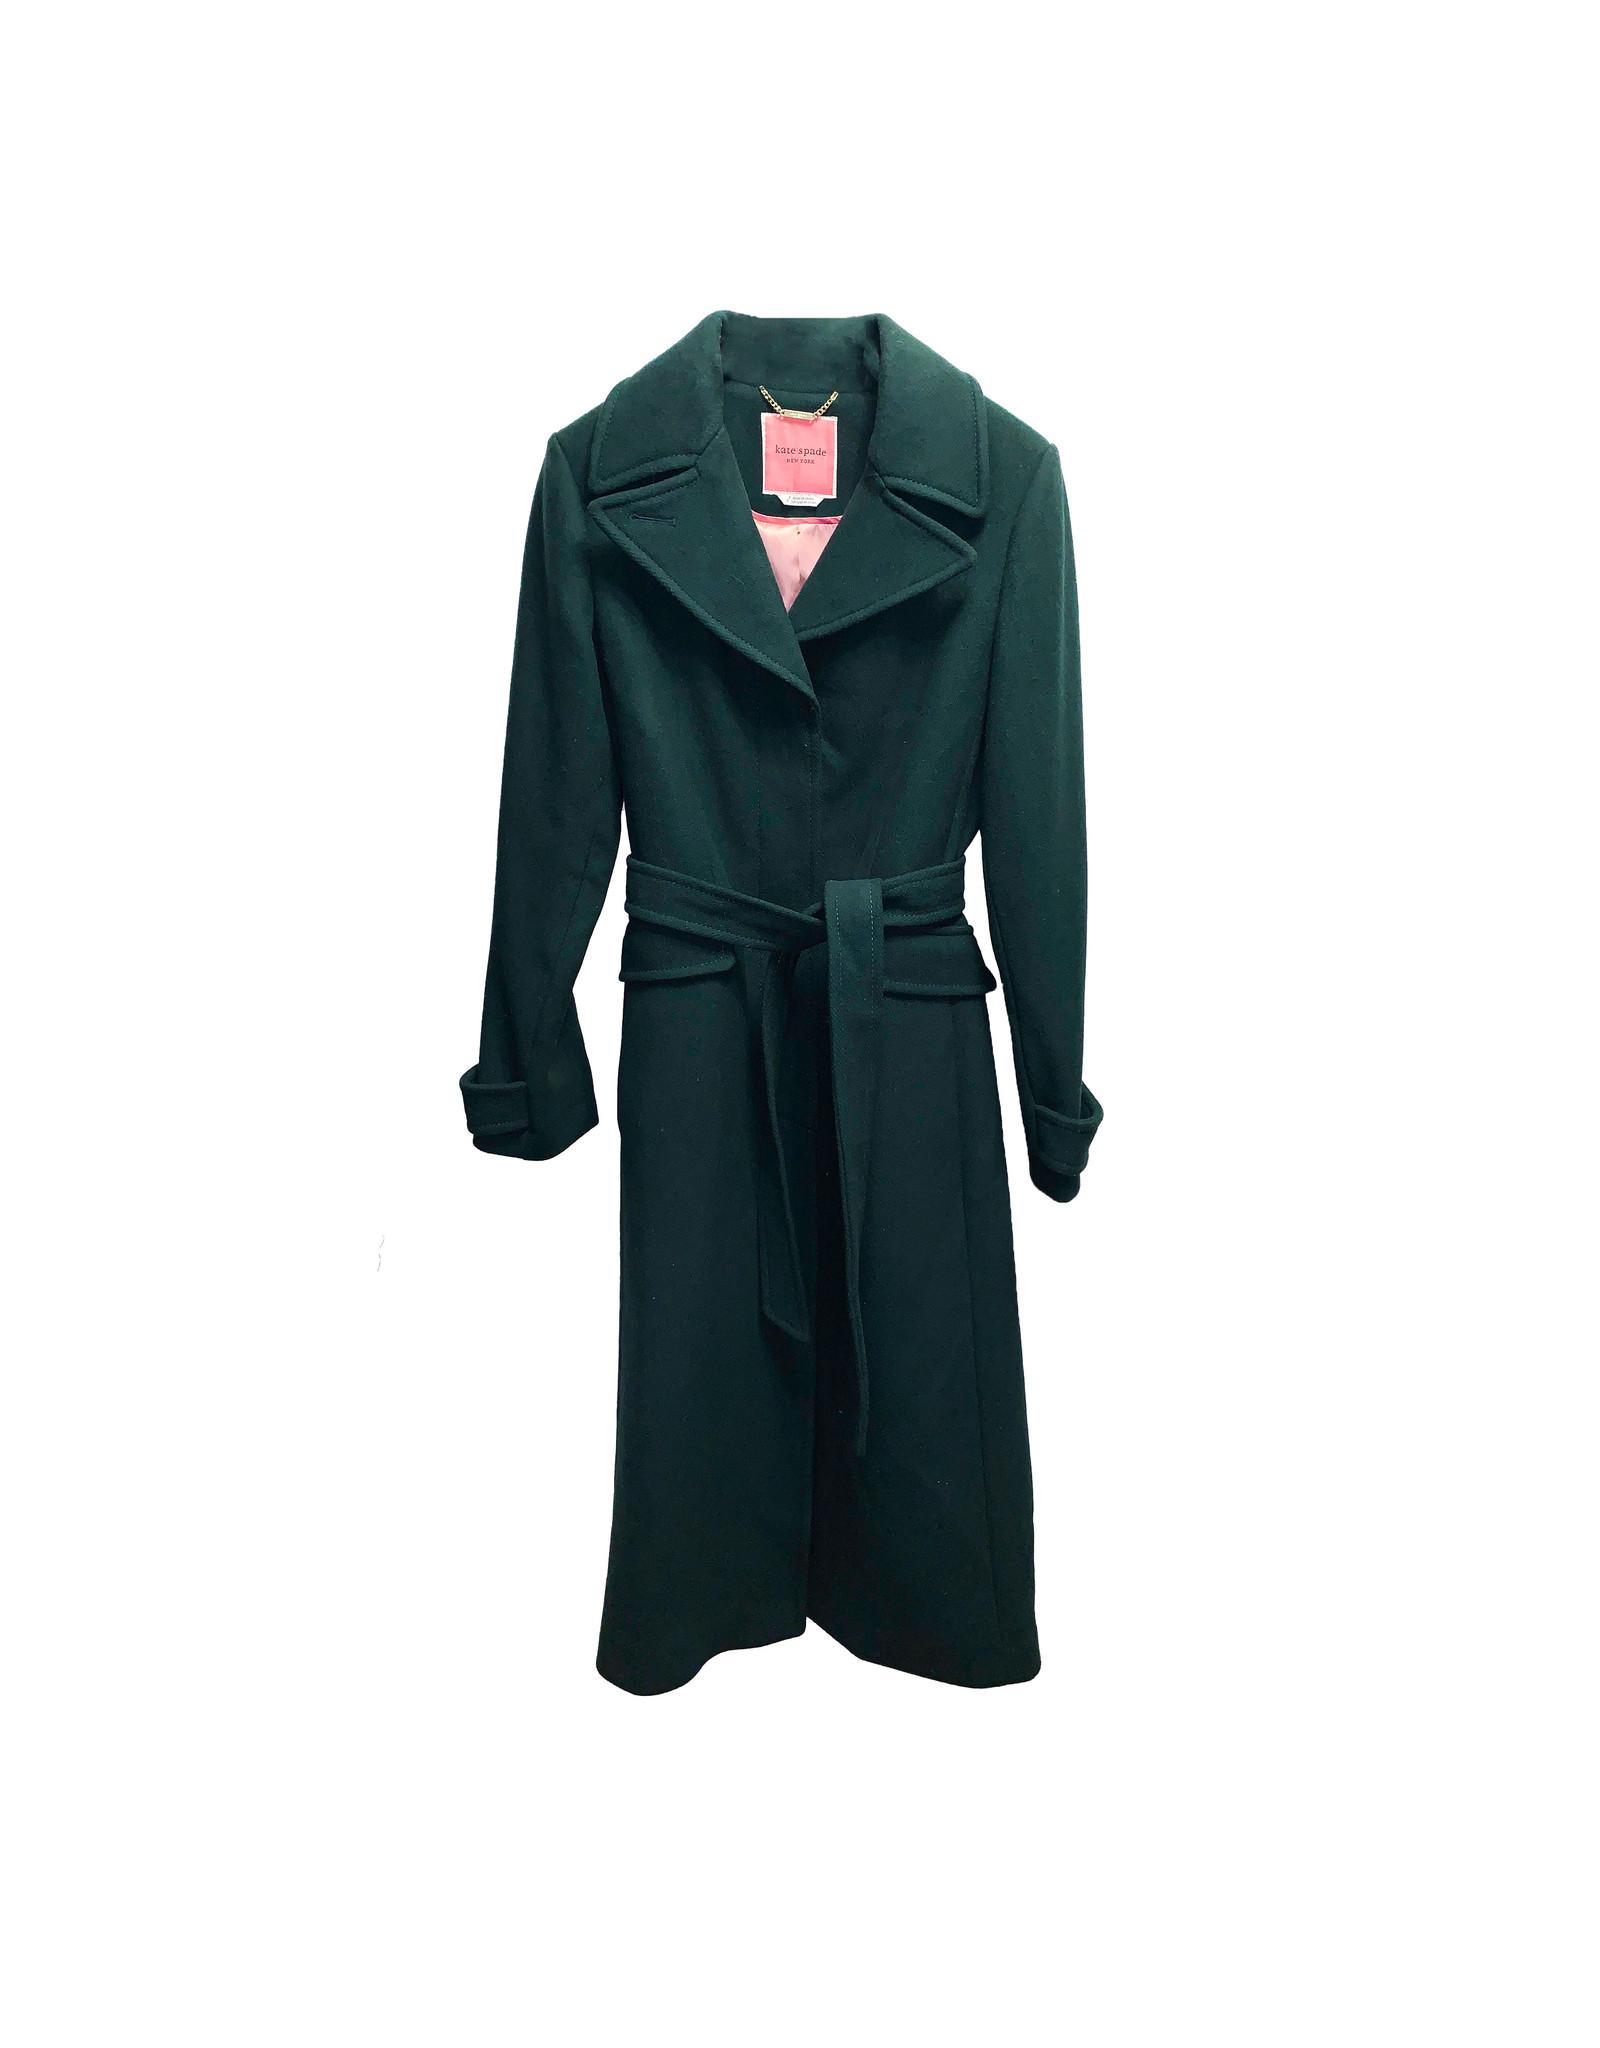 KATE SPADE Kate Spade Blended Wool Coat